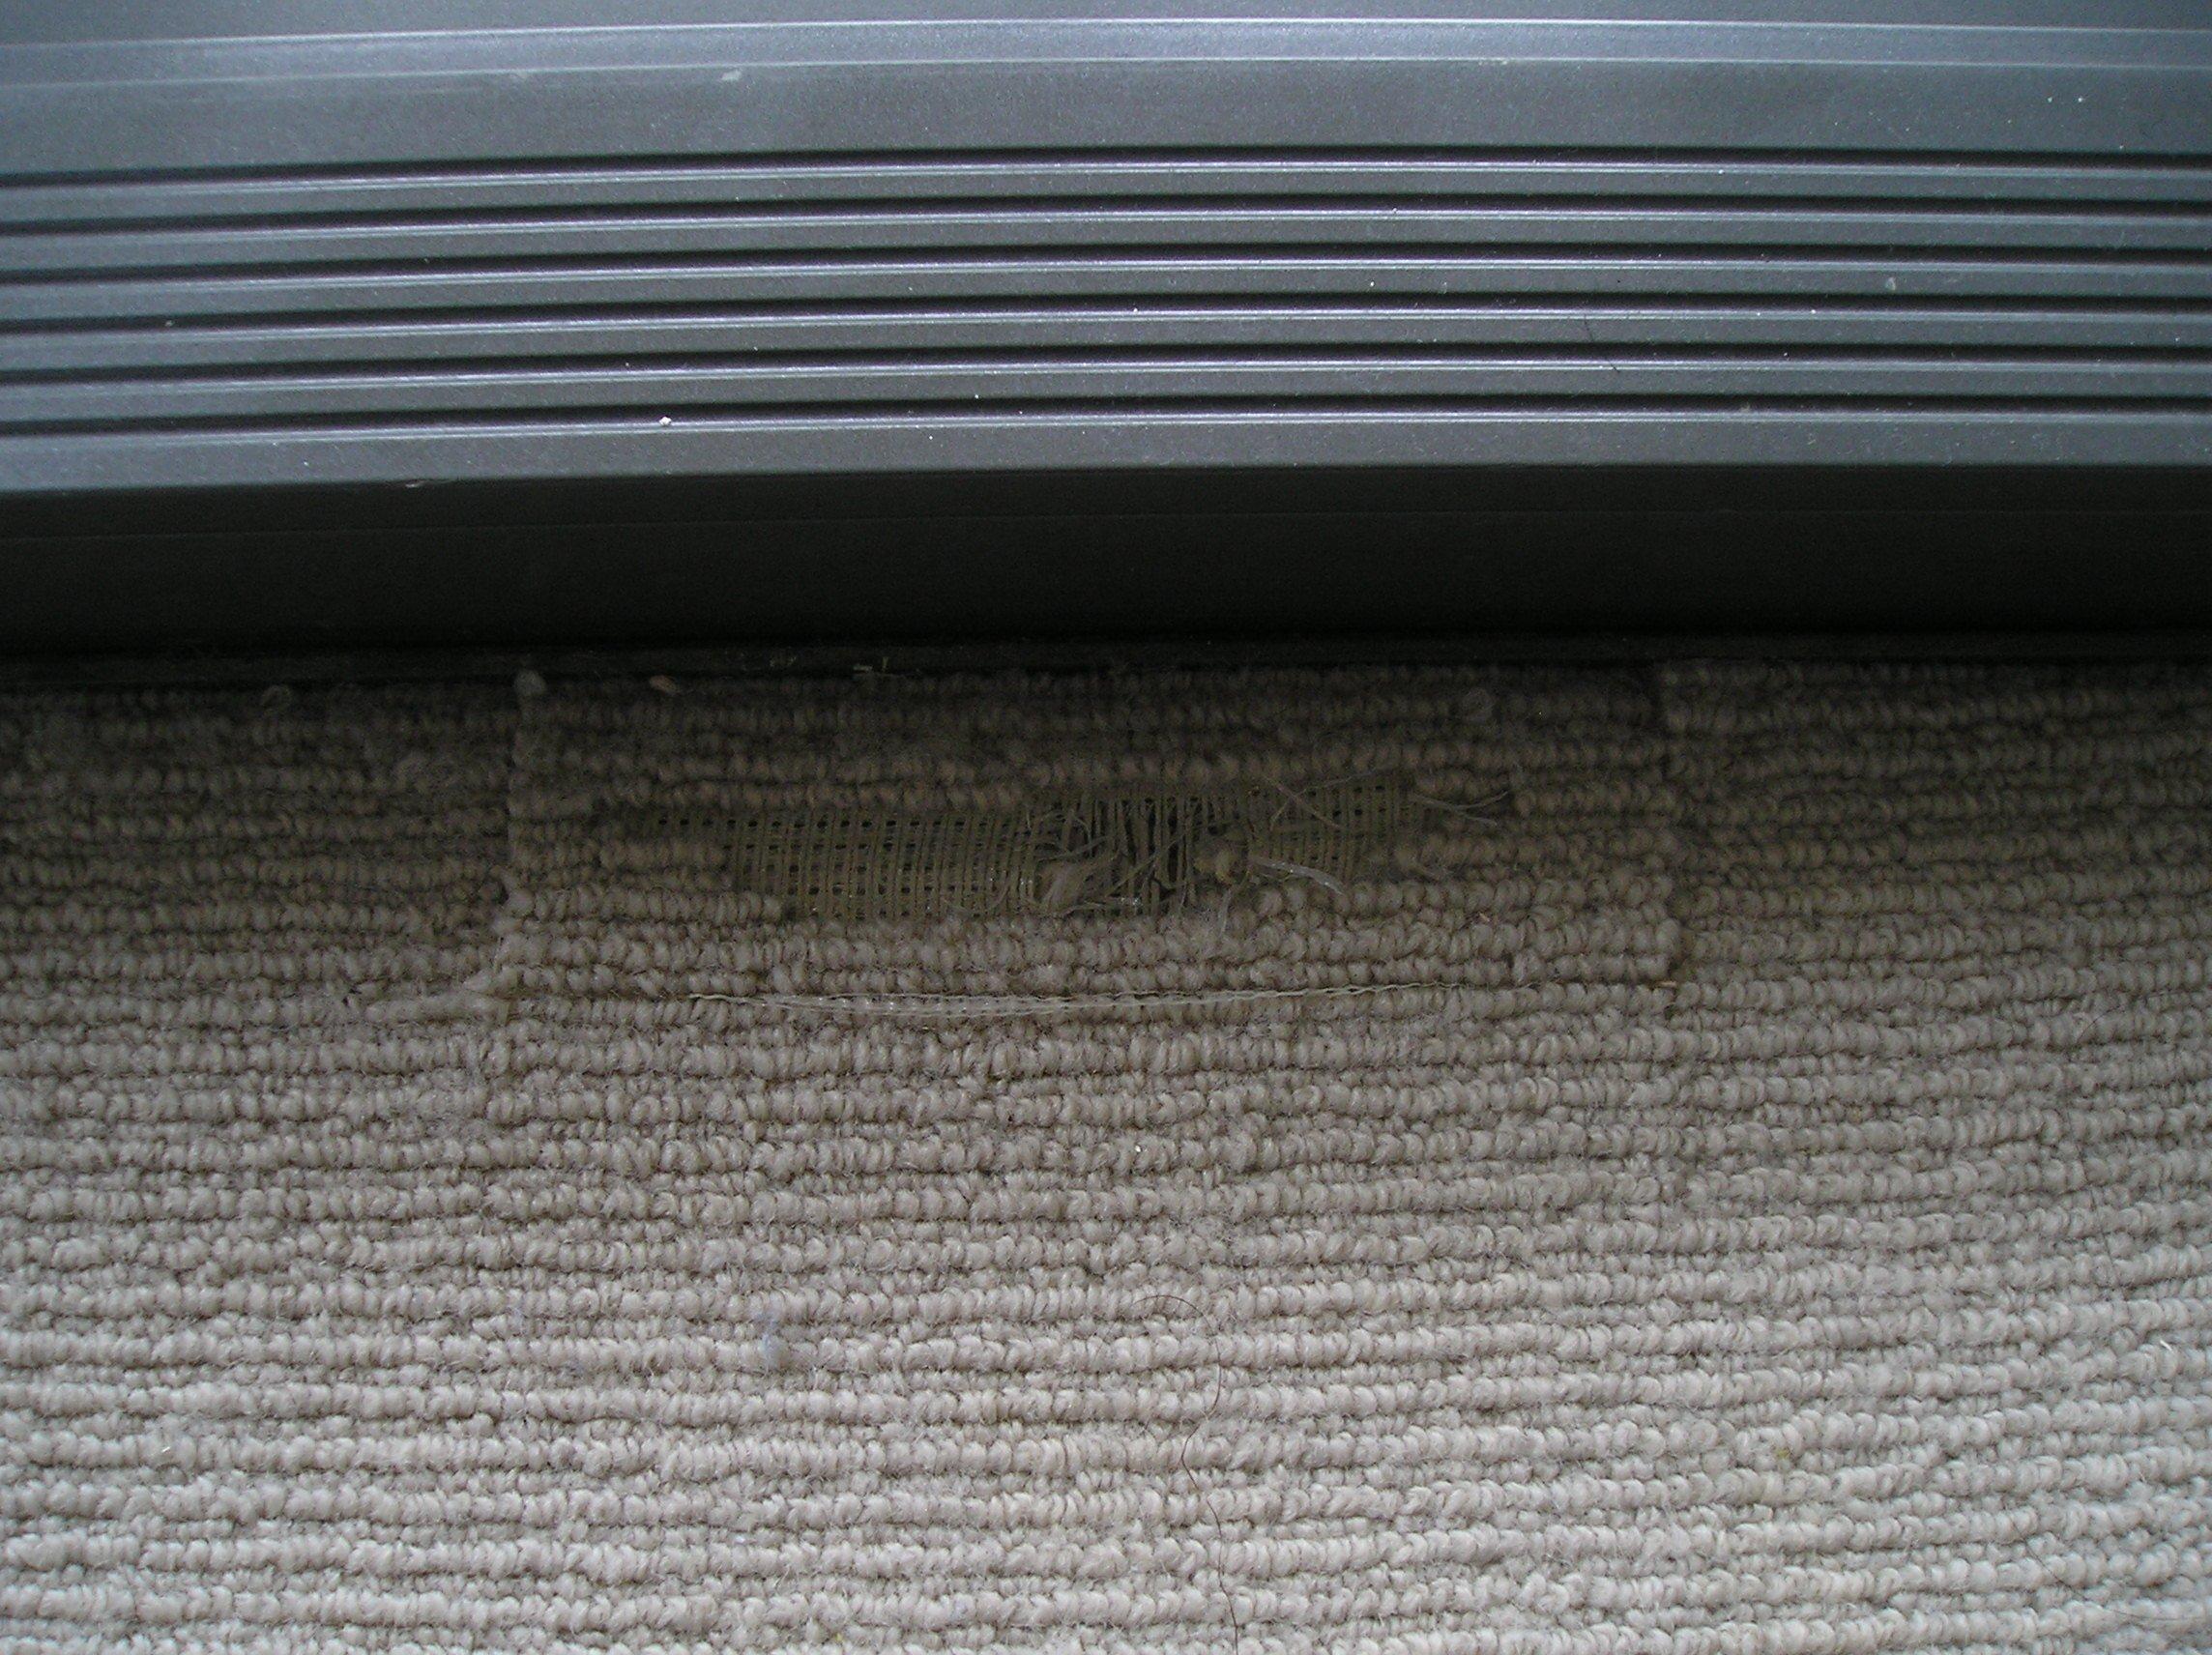 Carpet Repairs Brisbane Safeclean Call 07 3823 2333